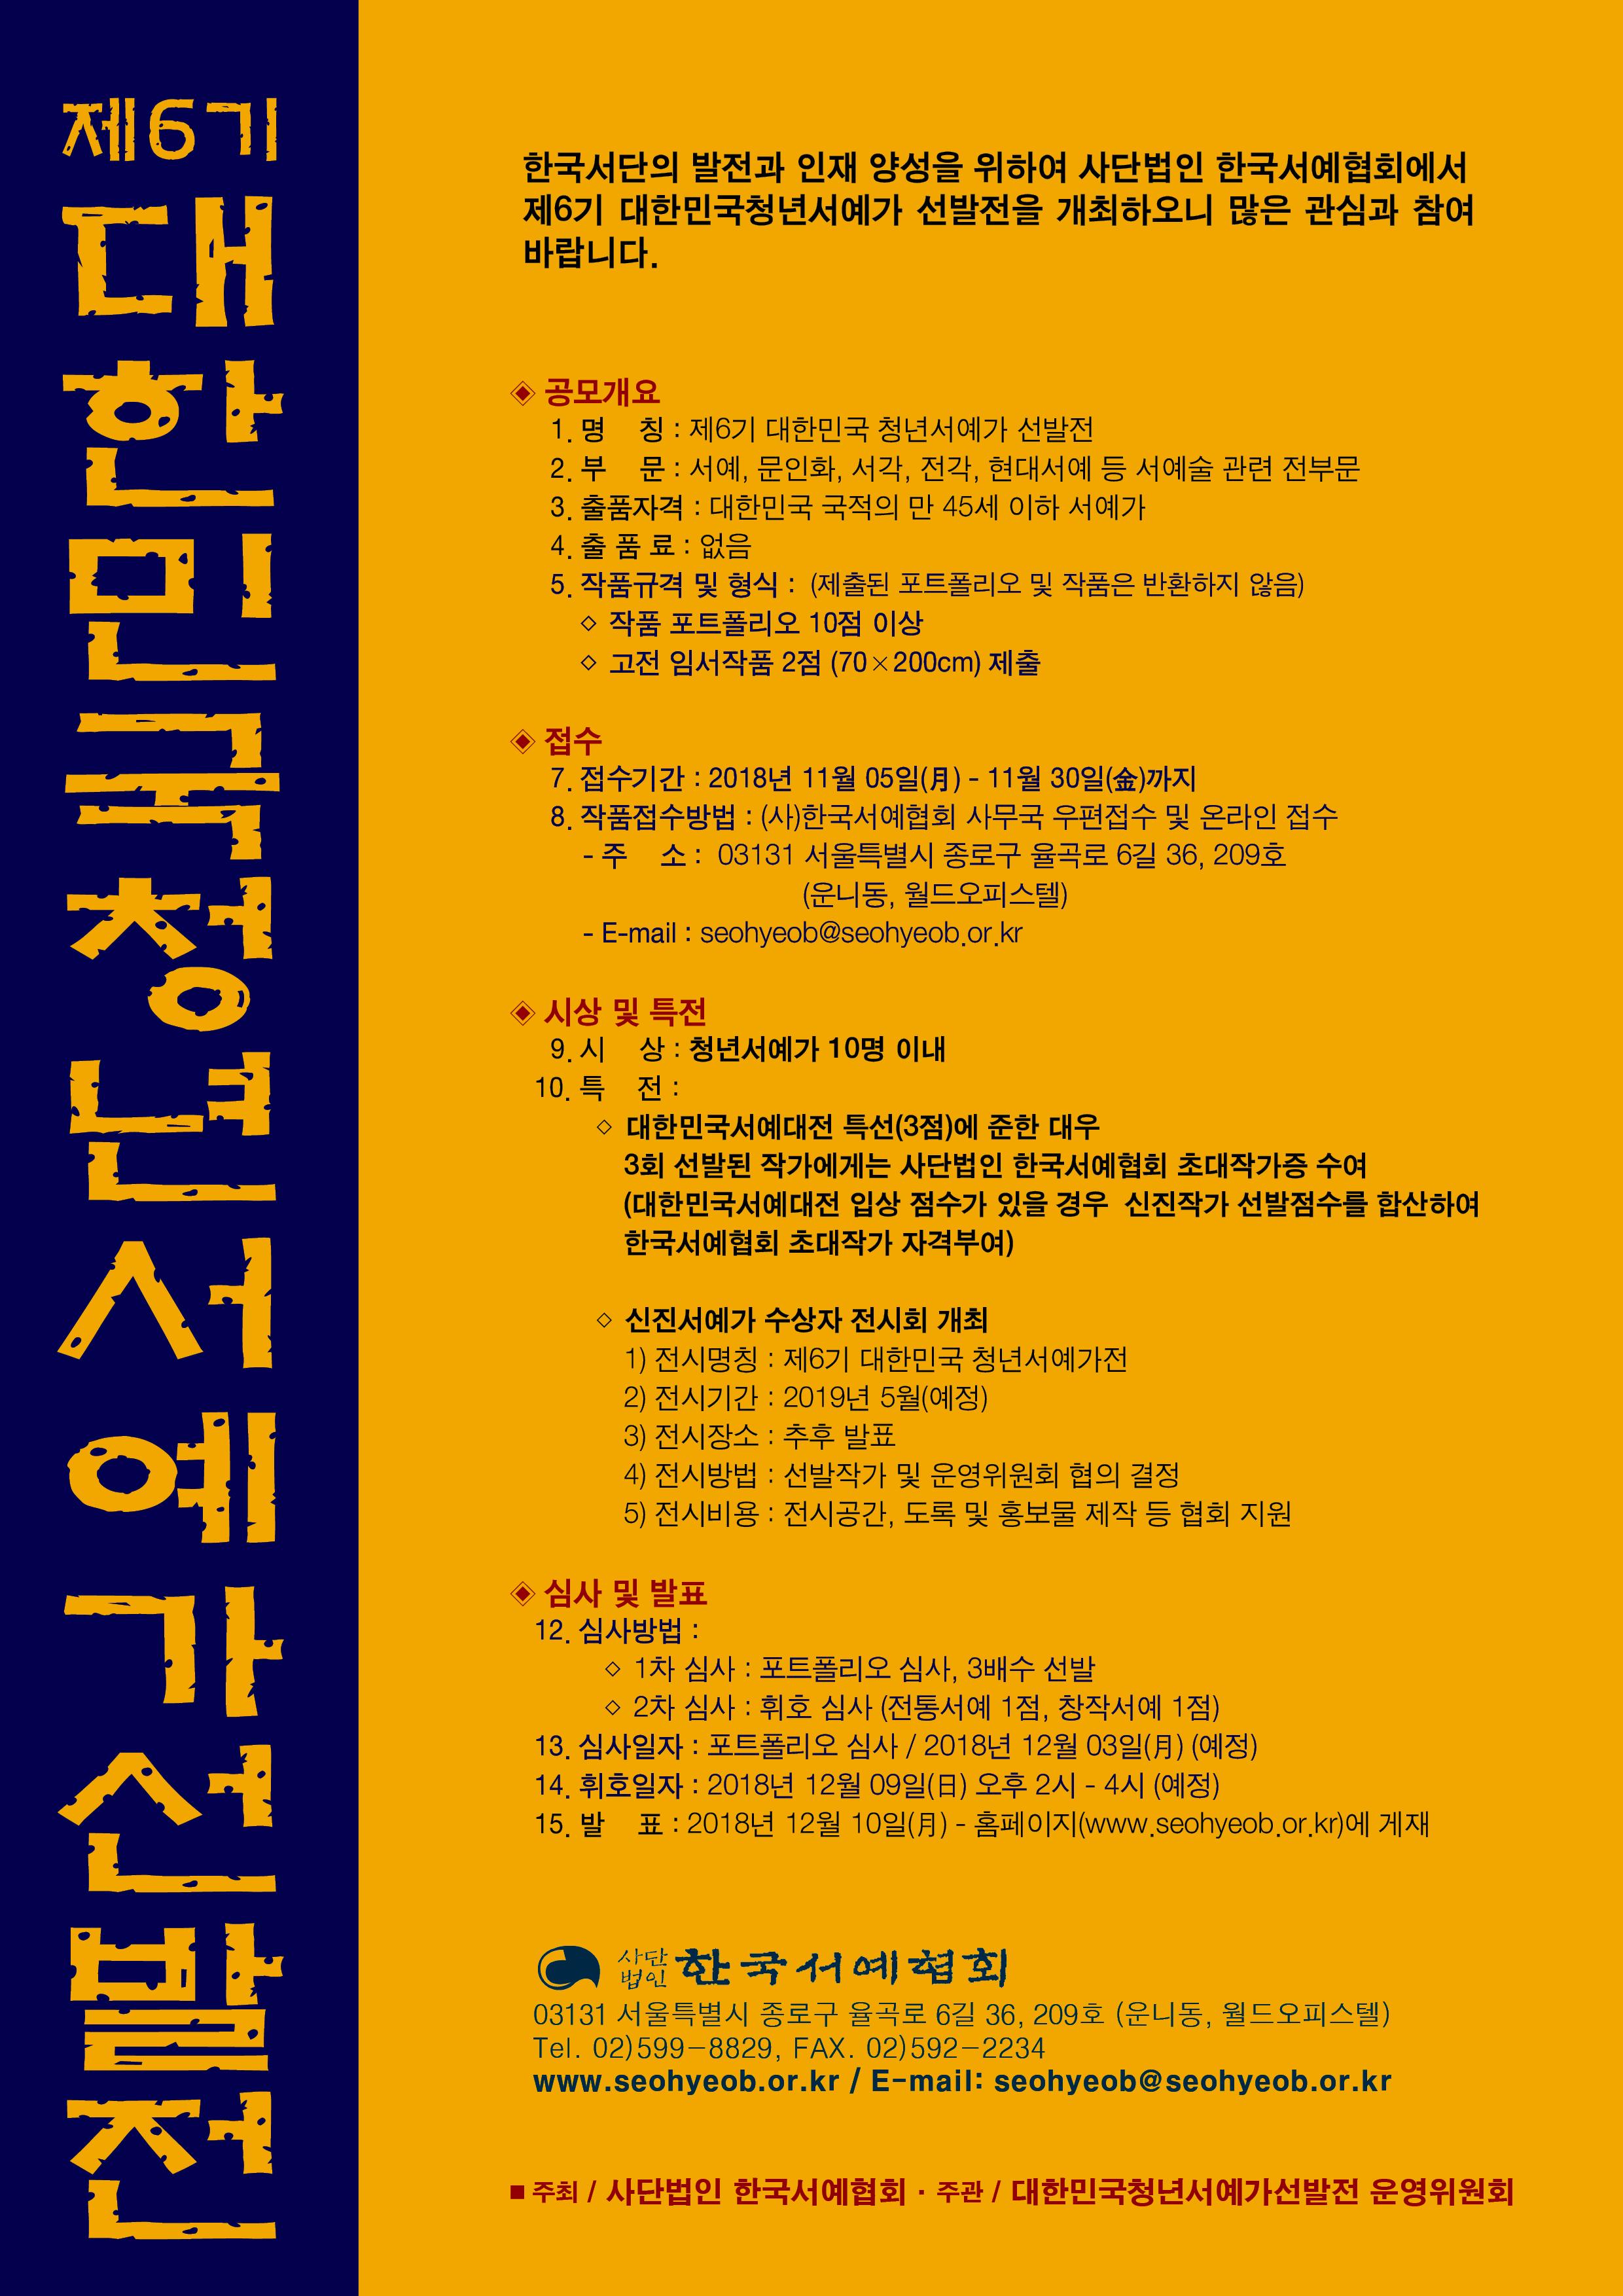 서예협회 광고(0919 최종-서예신문)2.jpg